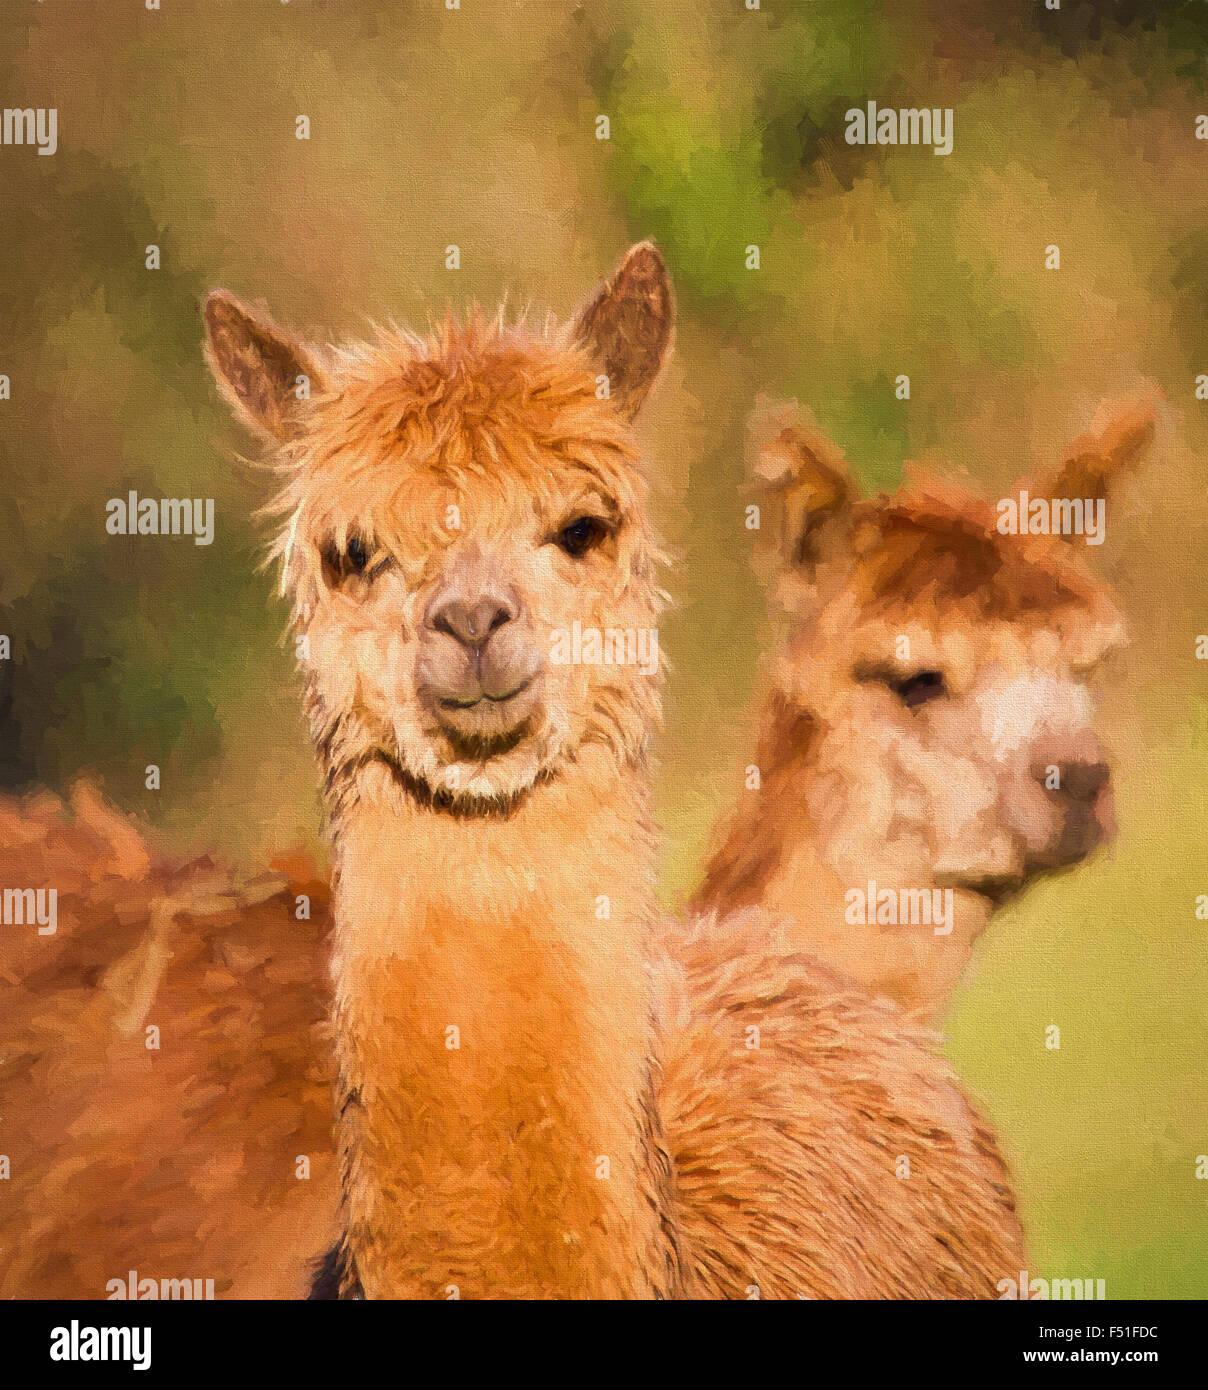 Alpaca marrone ritratto simile a llama illustrazione come la pittura ad olio Immagini Stock